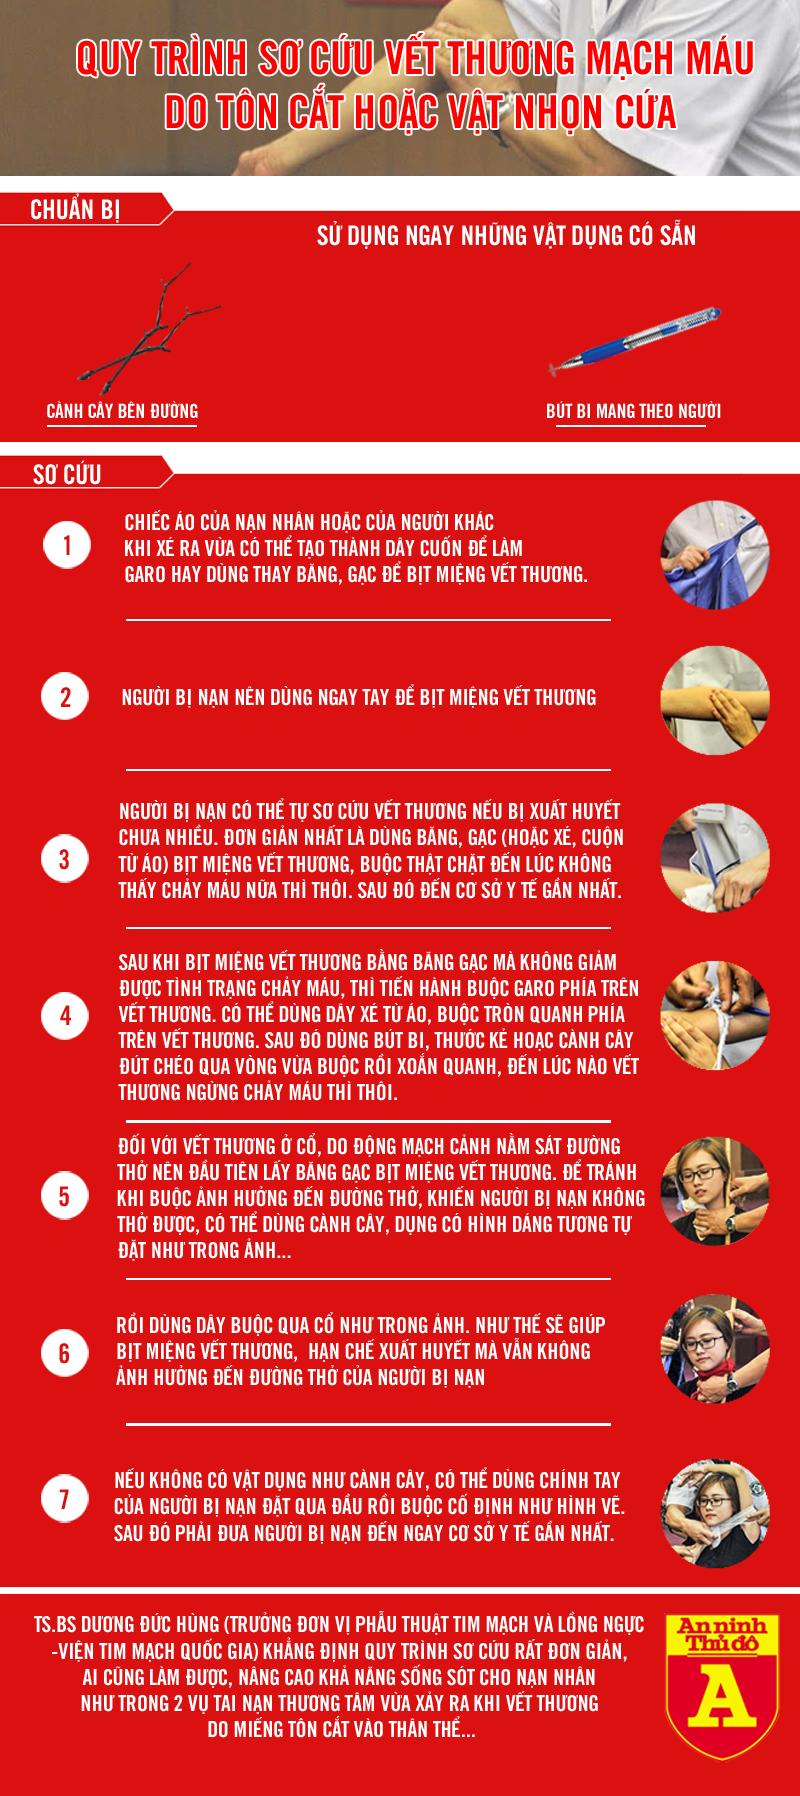 [Infographic] Kỹ năng sinh tồn tối quan trọng để sống sót khi bị tôn cắt vào cổ ảnh 1